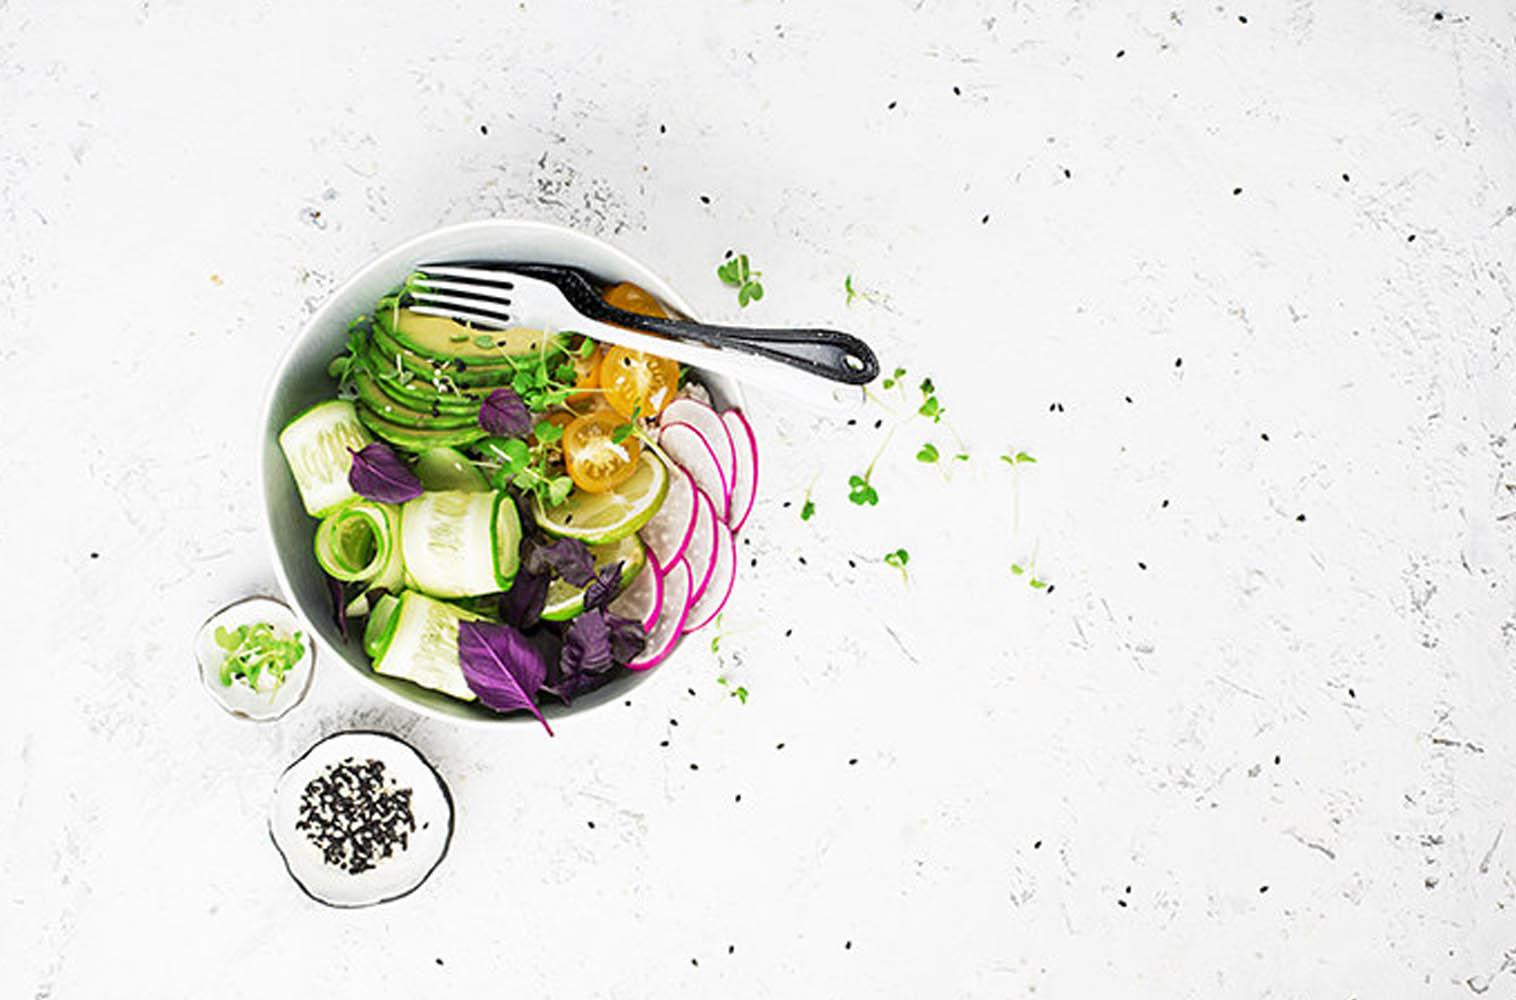 واقعیت عکاسی غذا